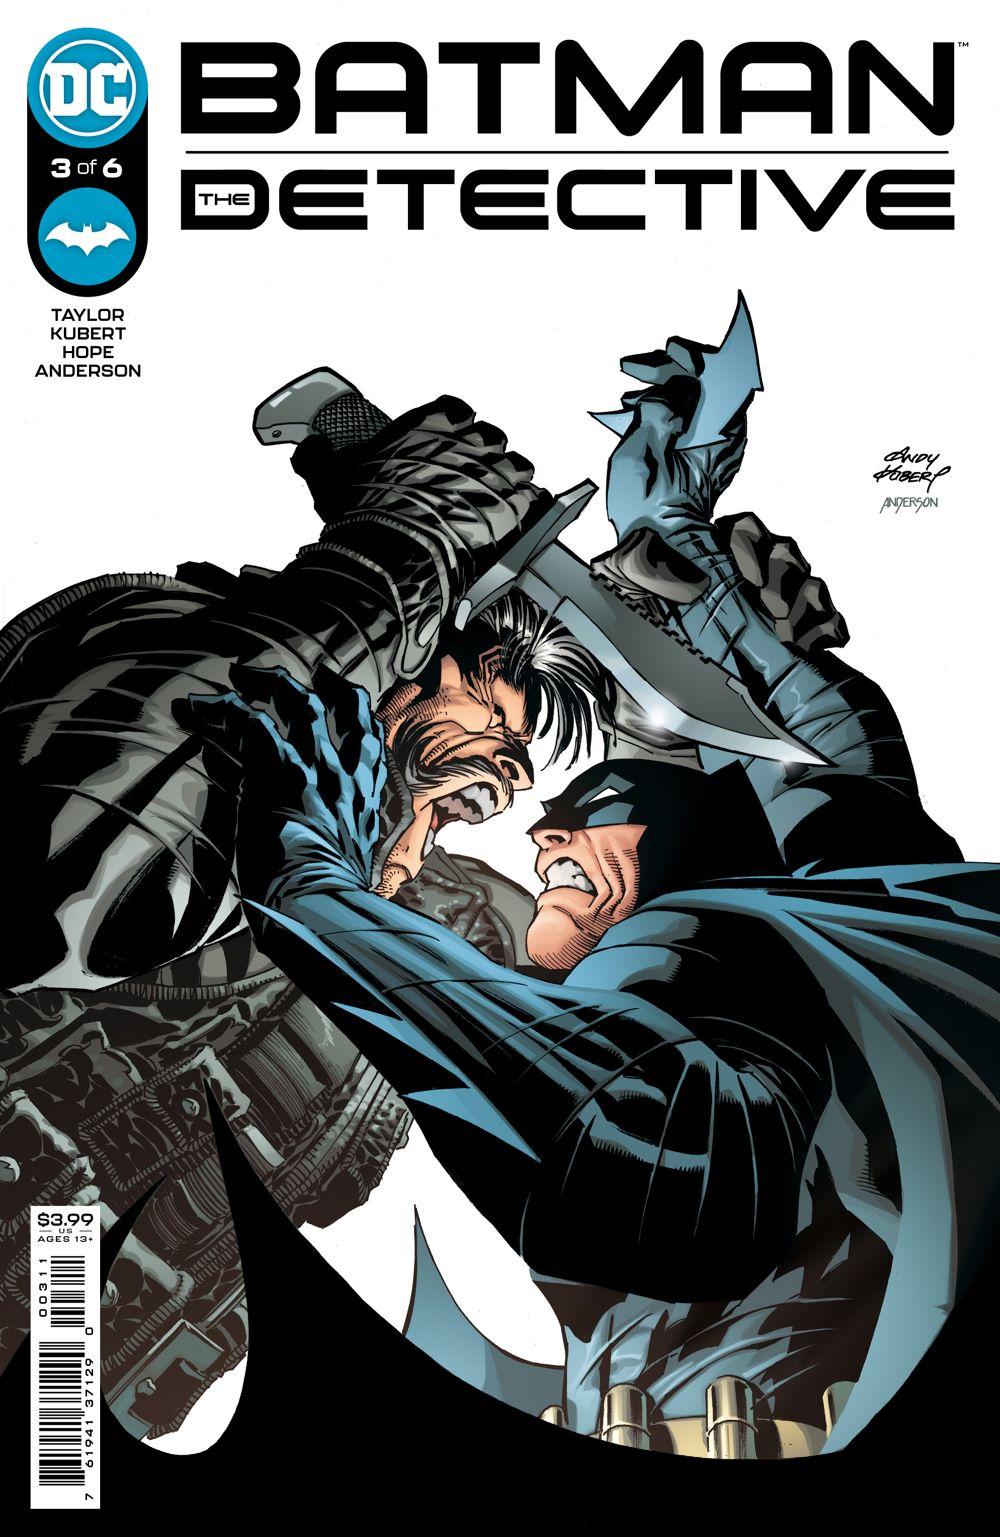 BMTD_Cv3 DC Comics June 2021 Solicitations